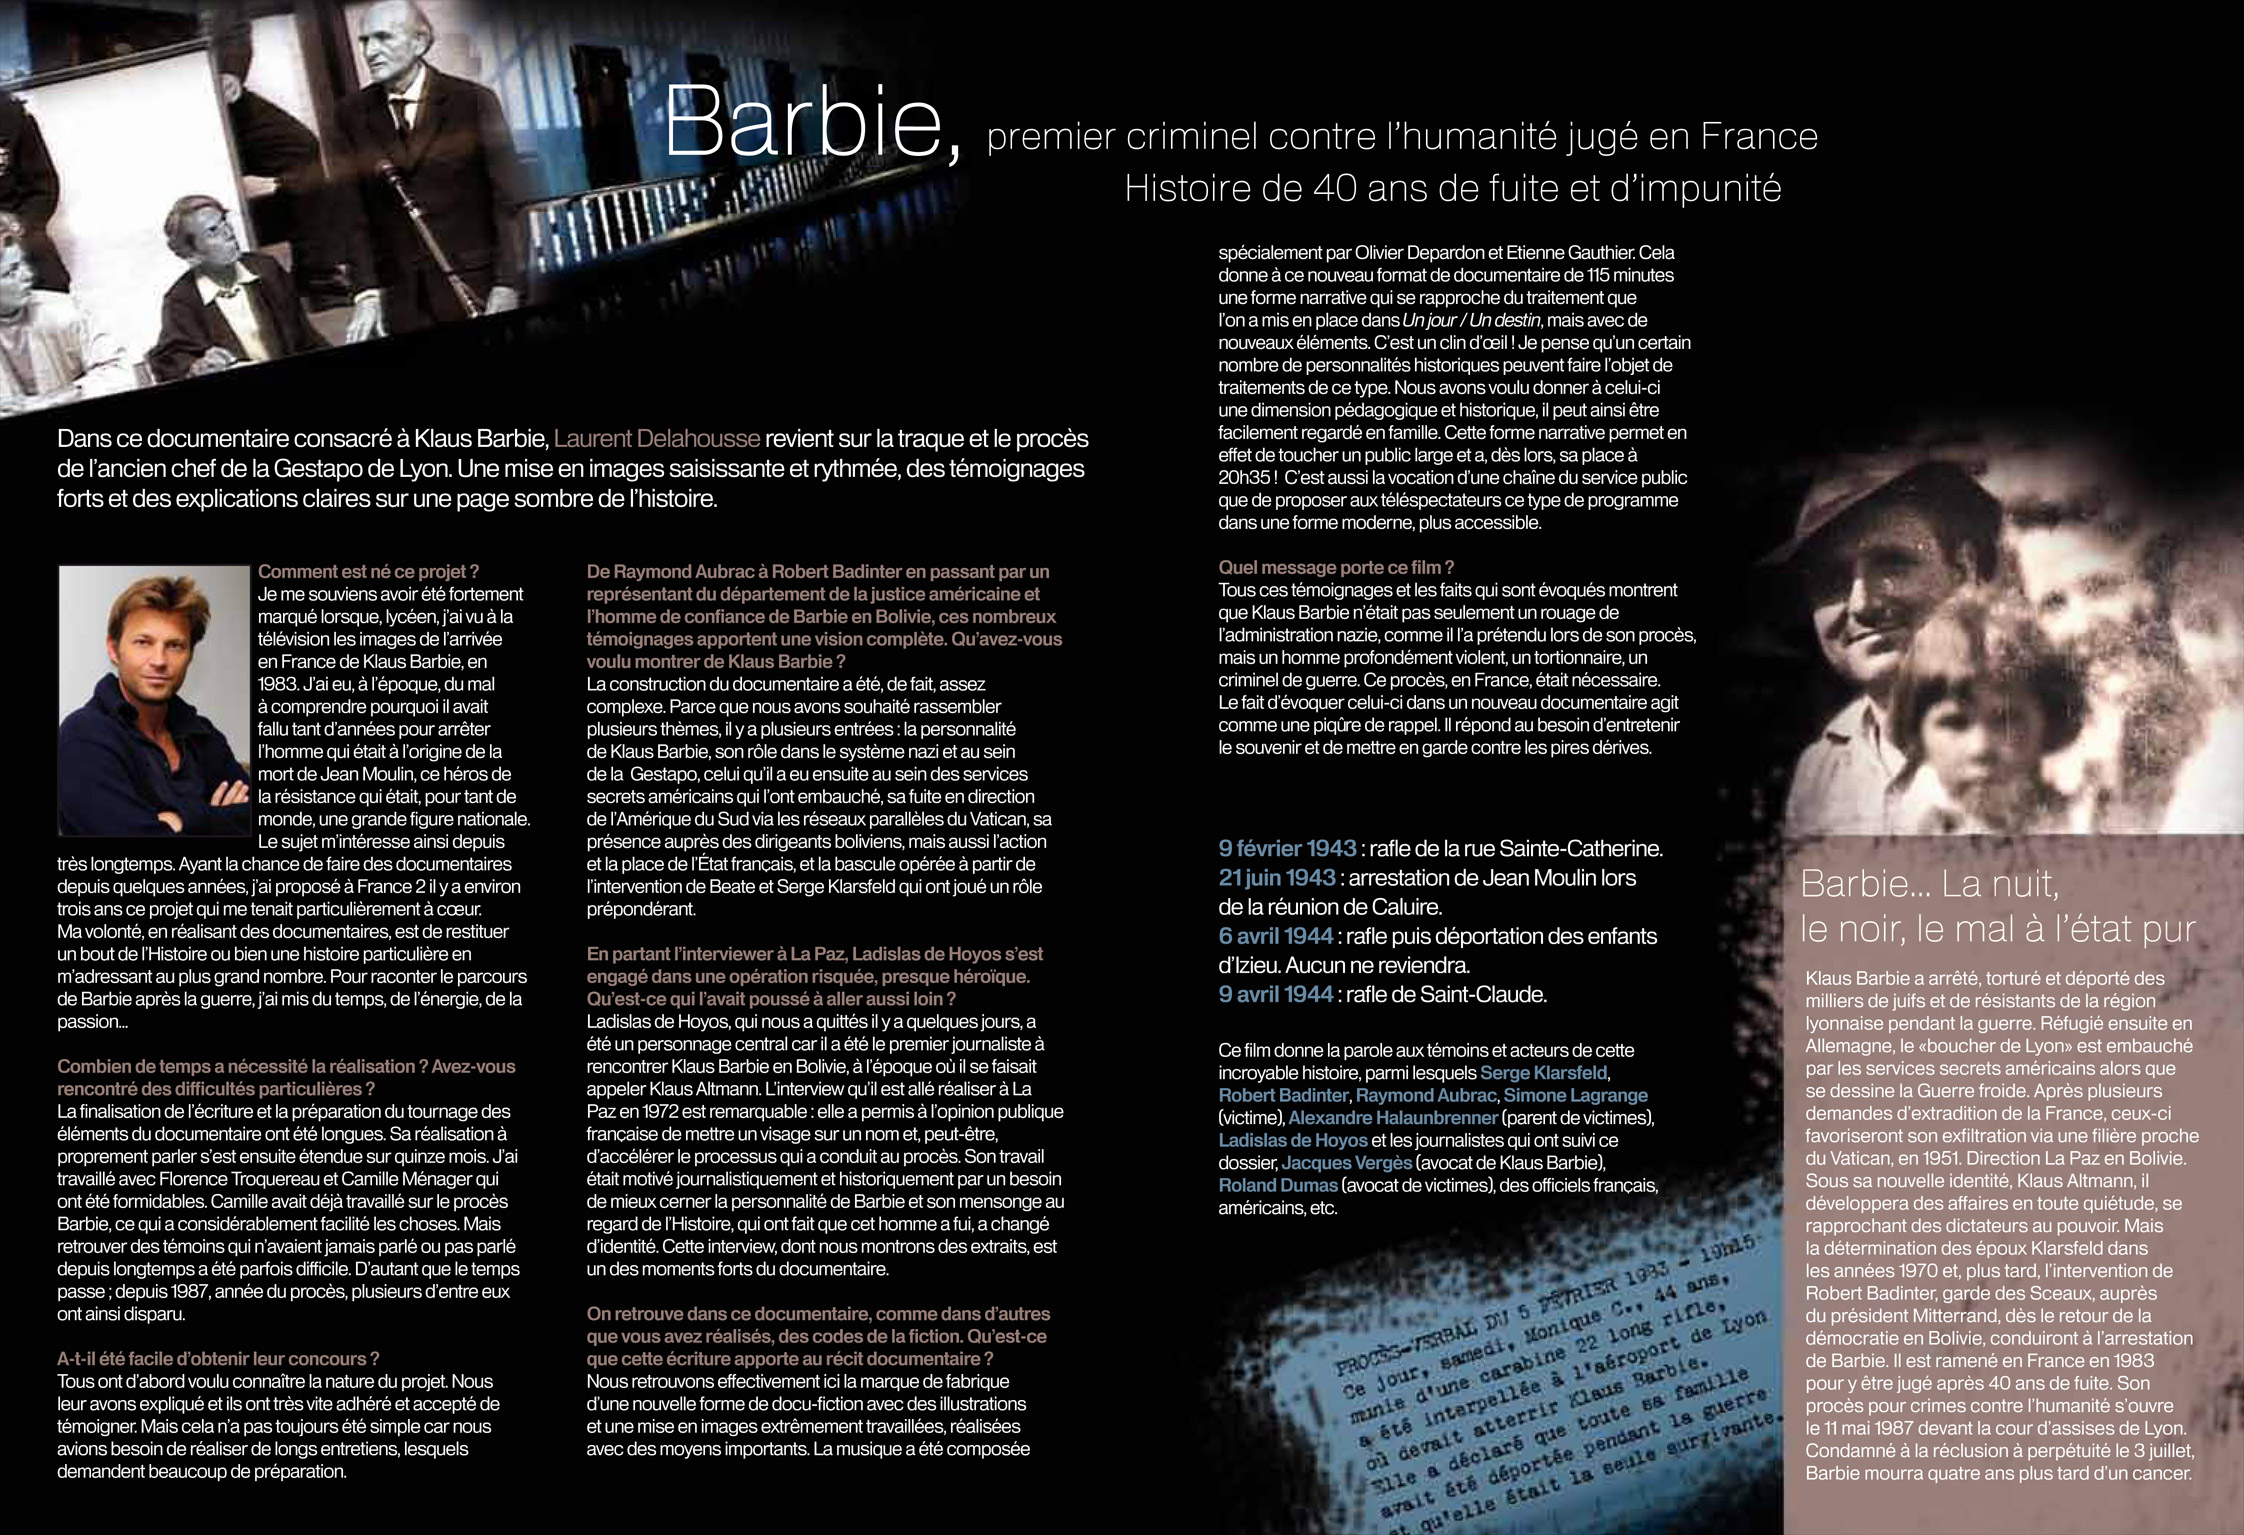 plaquette klaus barbie Klaus Barbie   Sur les traces dun criminel nazi